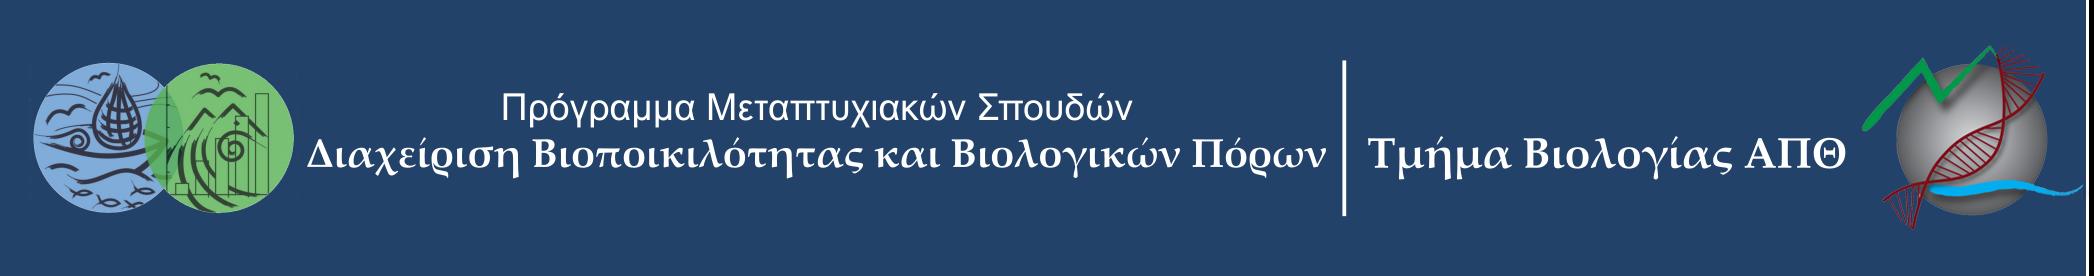 Διαχείριση βιοποικιλότητας και βιολογικών πόρων